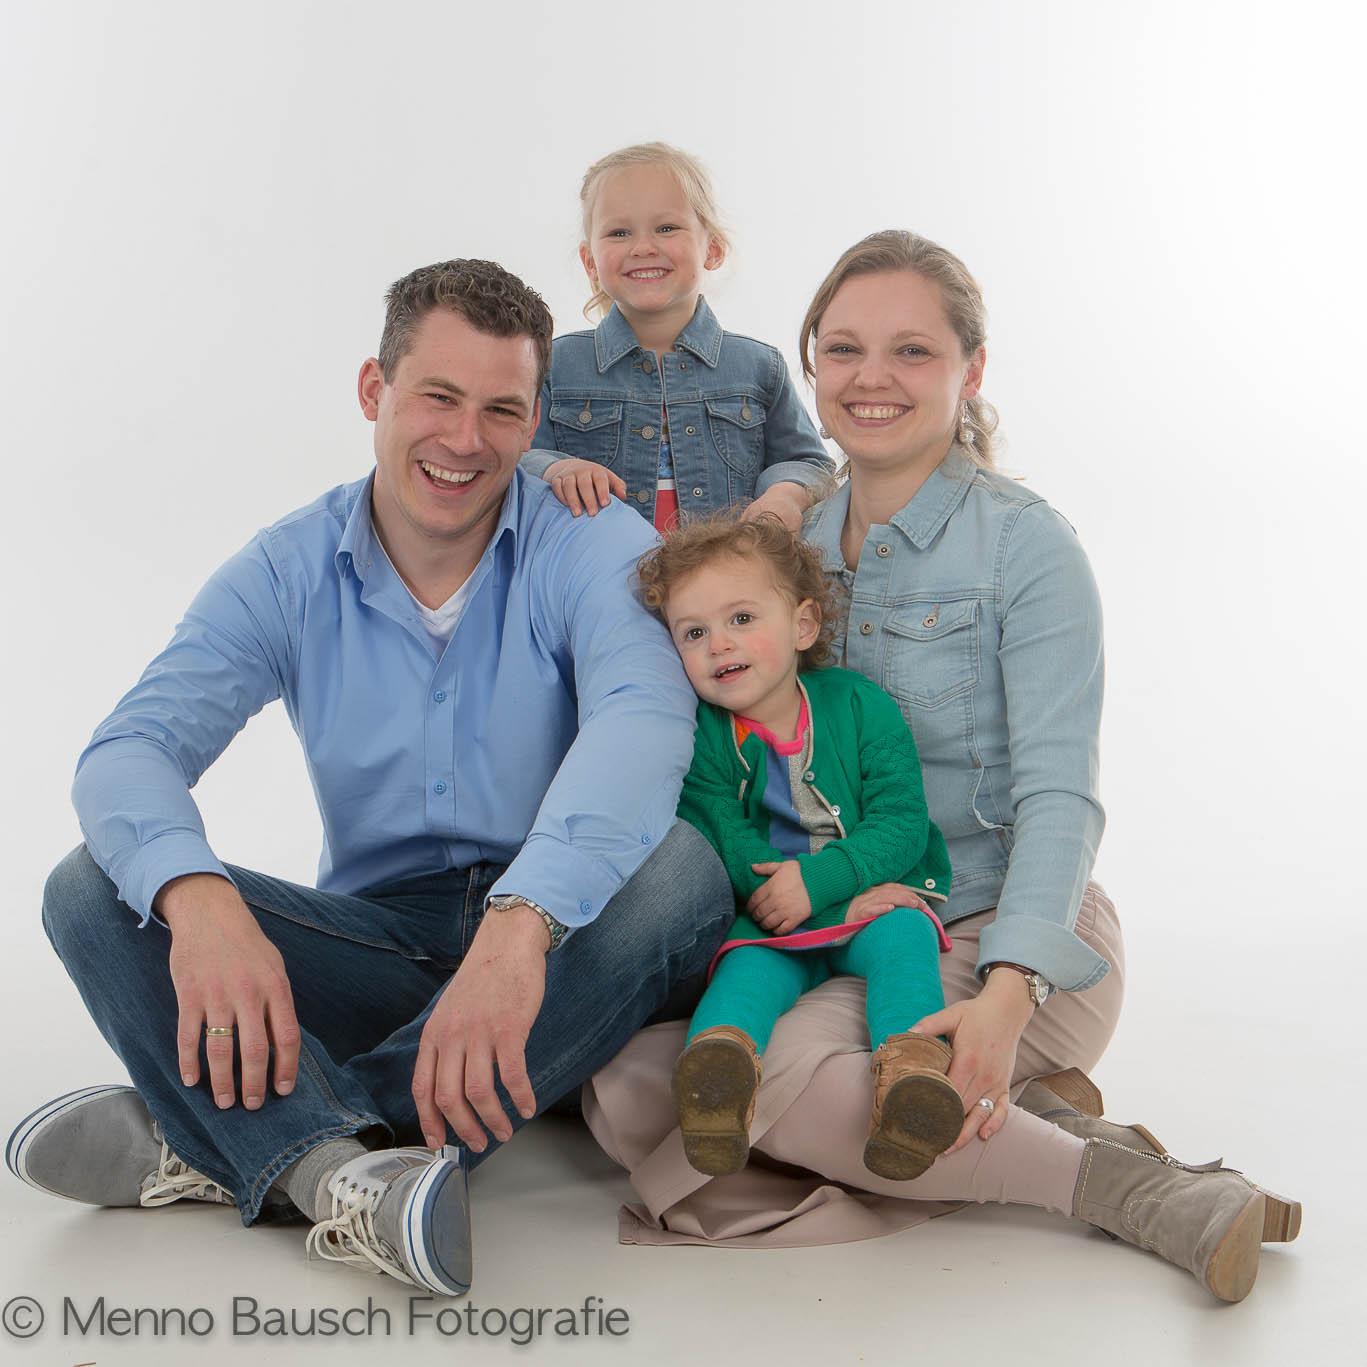 Menno Bausch Fotografie45